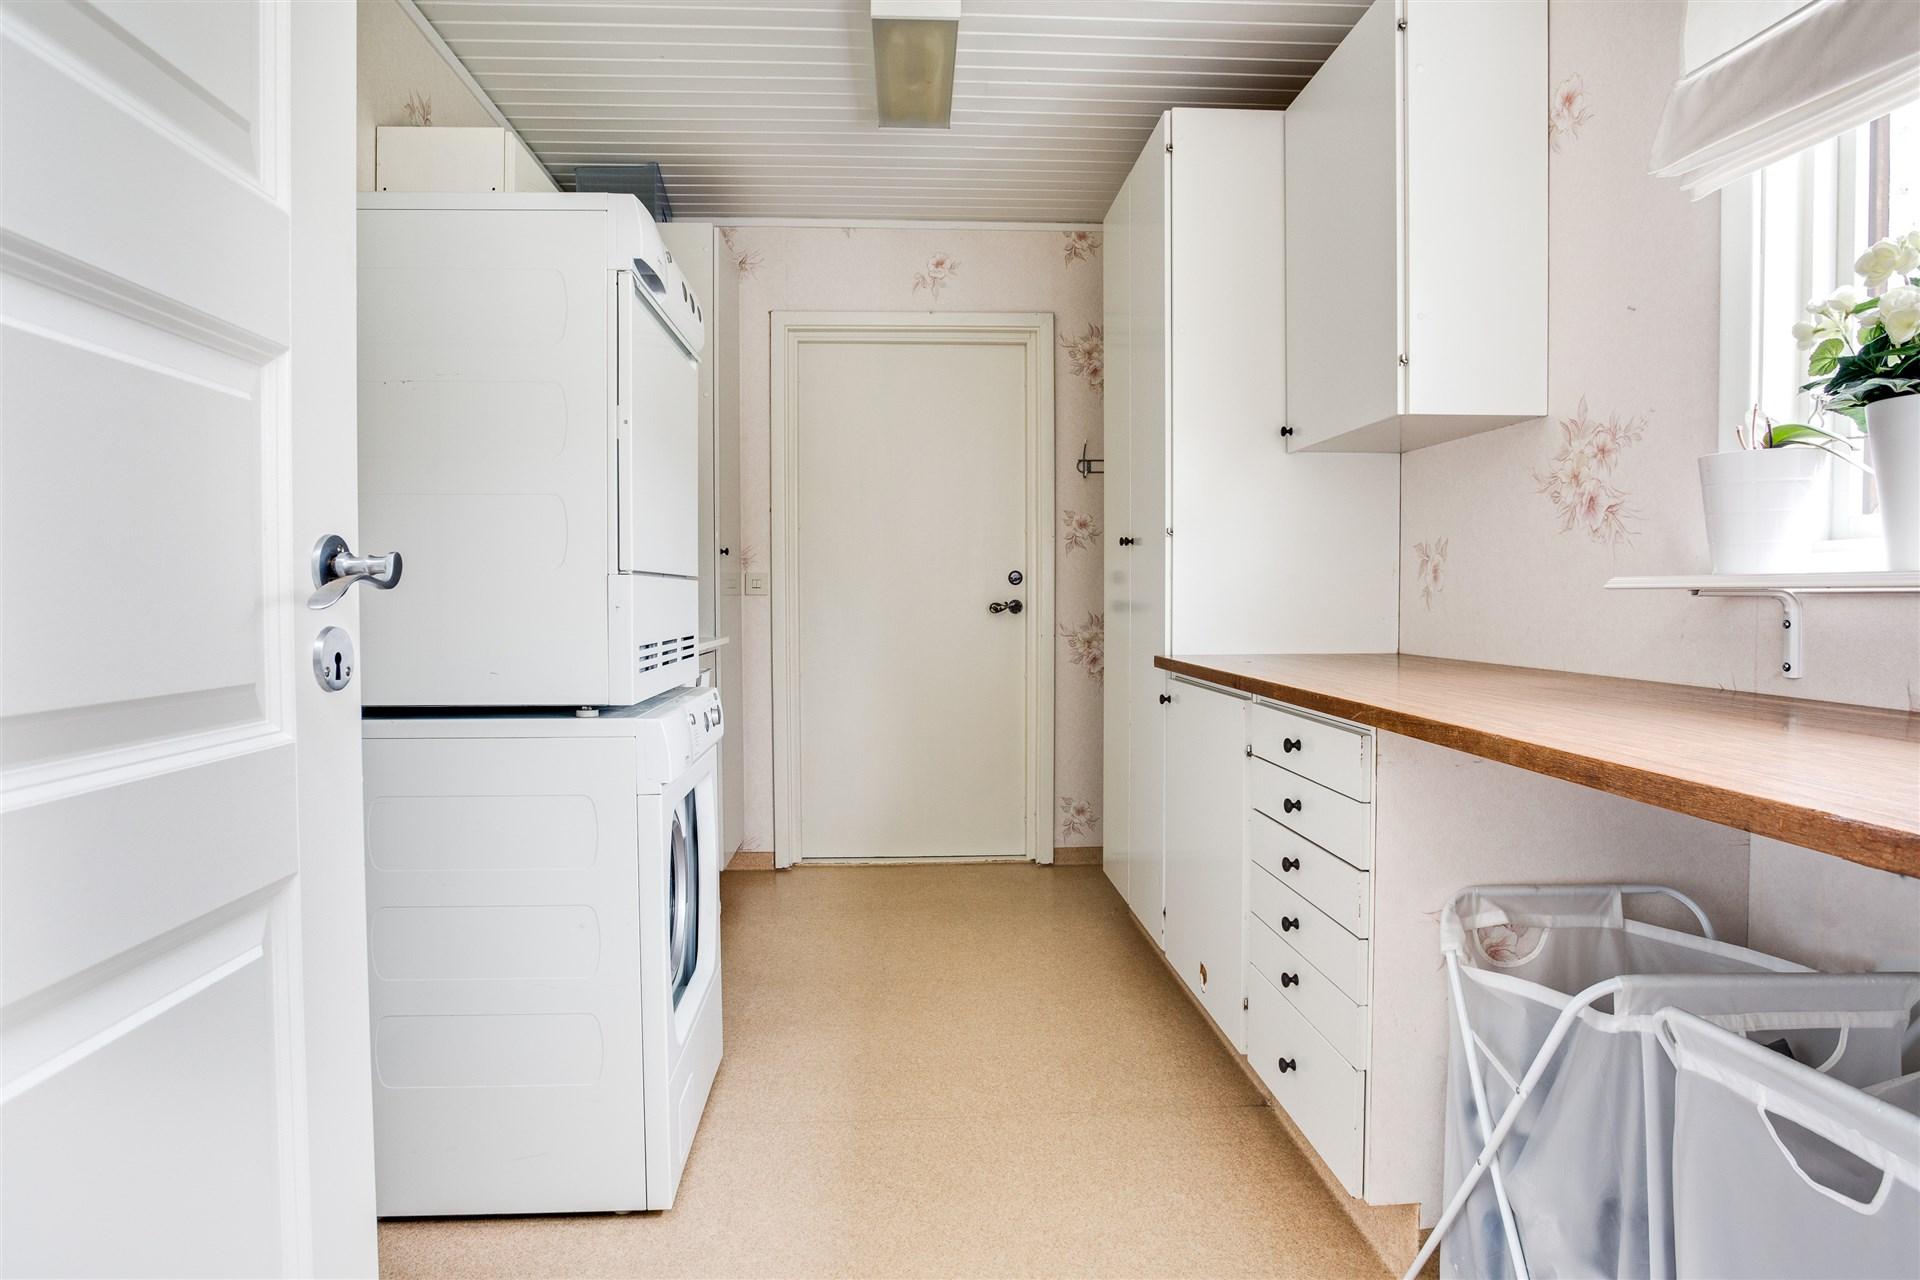 Groventré/tvättstuga med plastmatta på golv. Här finns praktisk arbetsbänk med underskåp, 1 dubbelgarderob och 1 linneskåp.